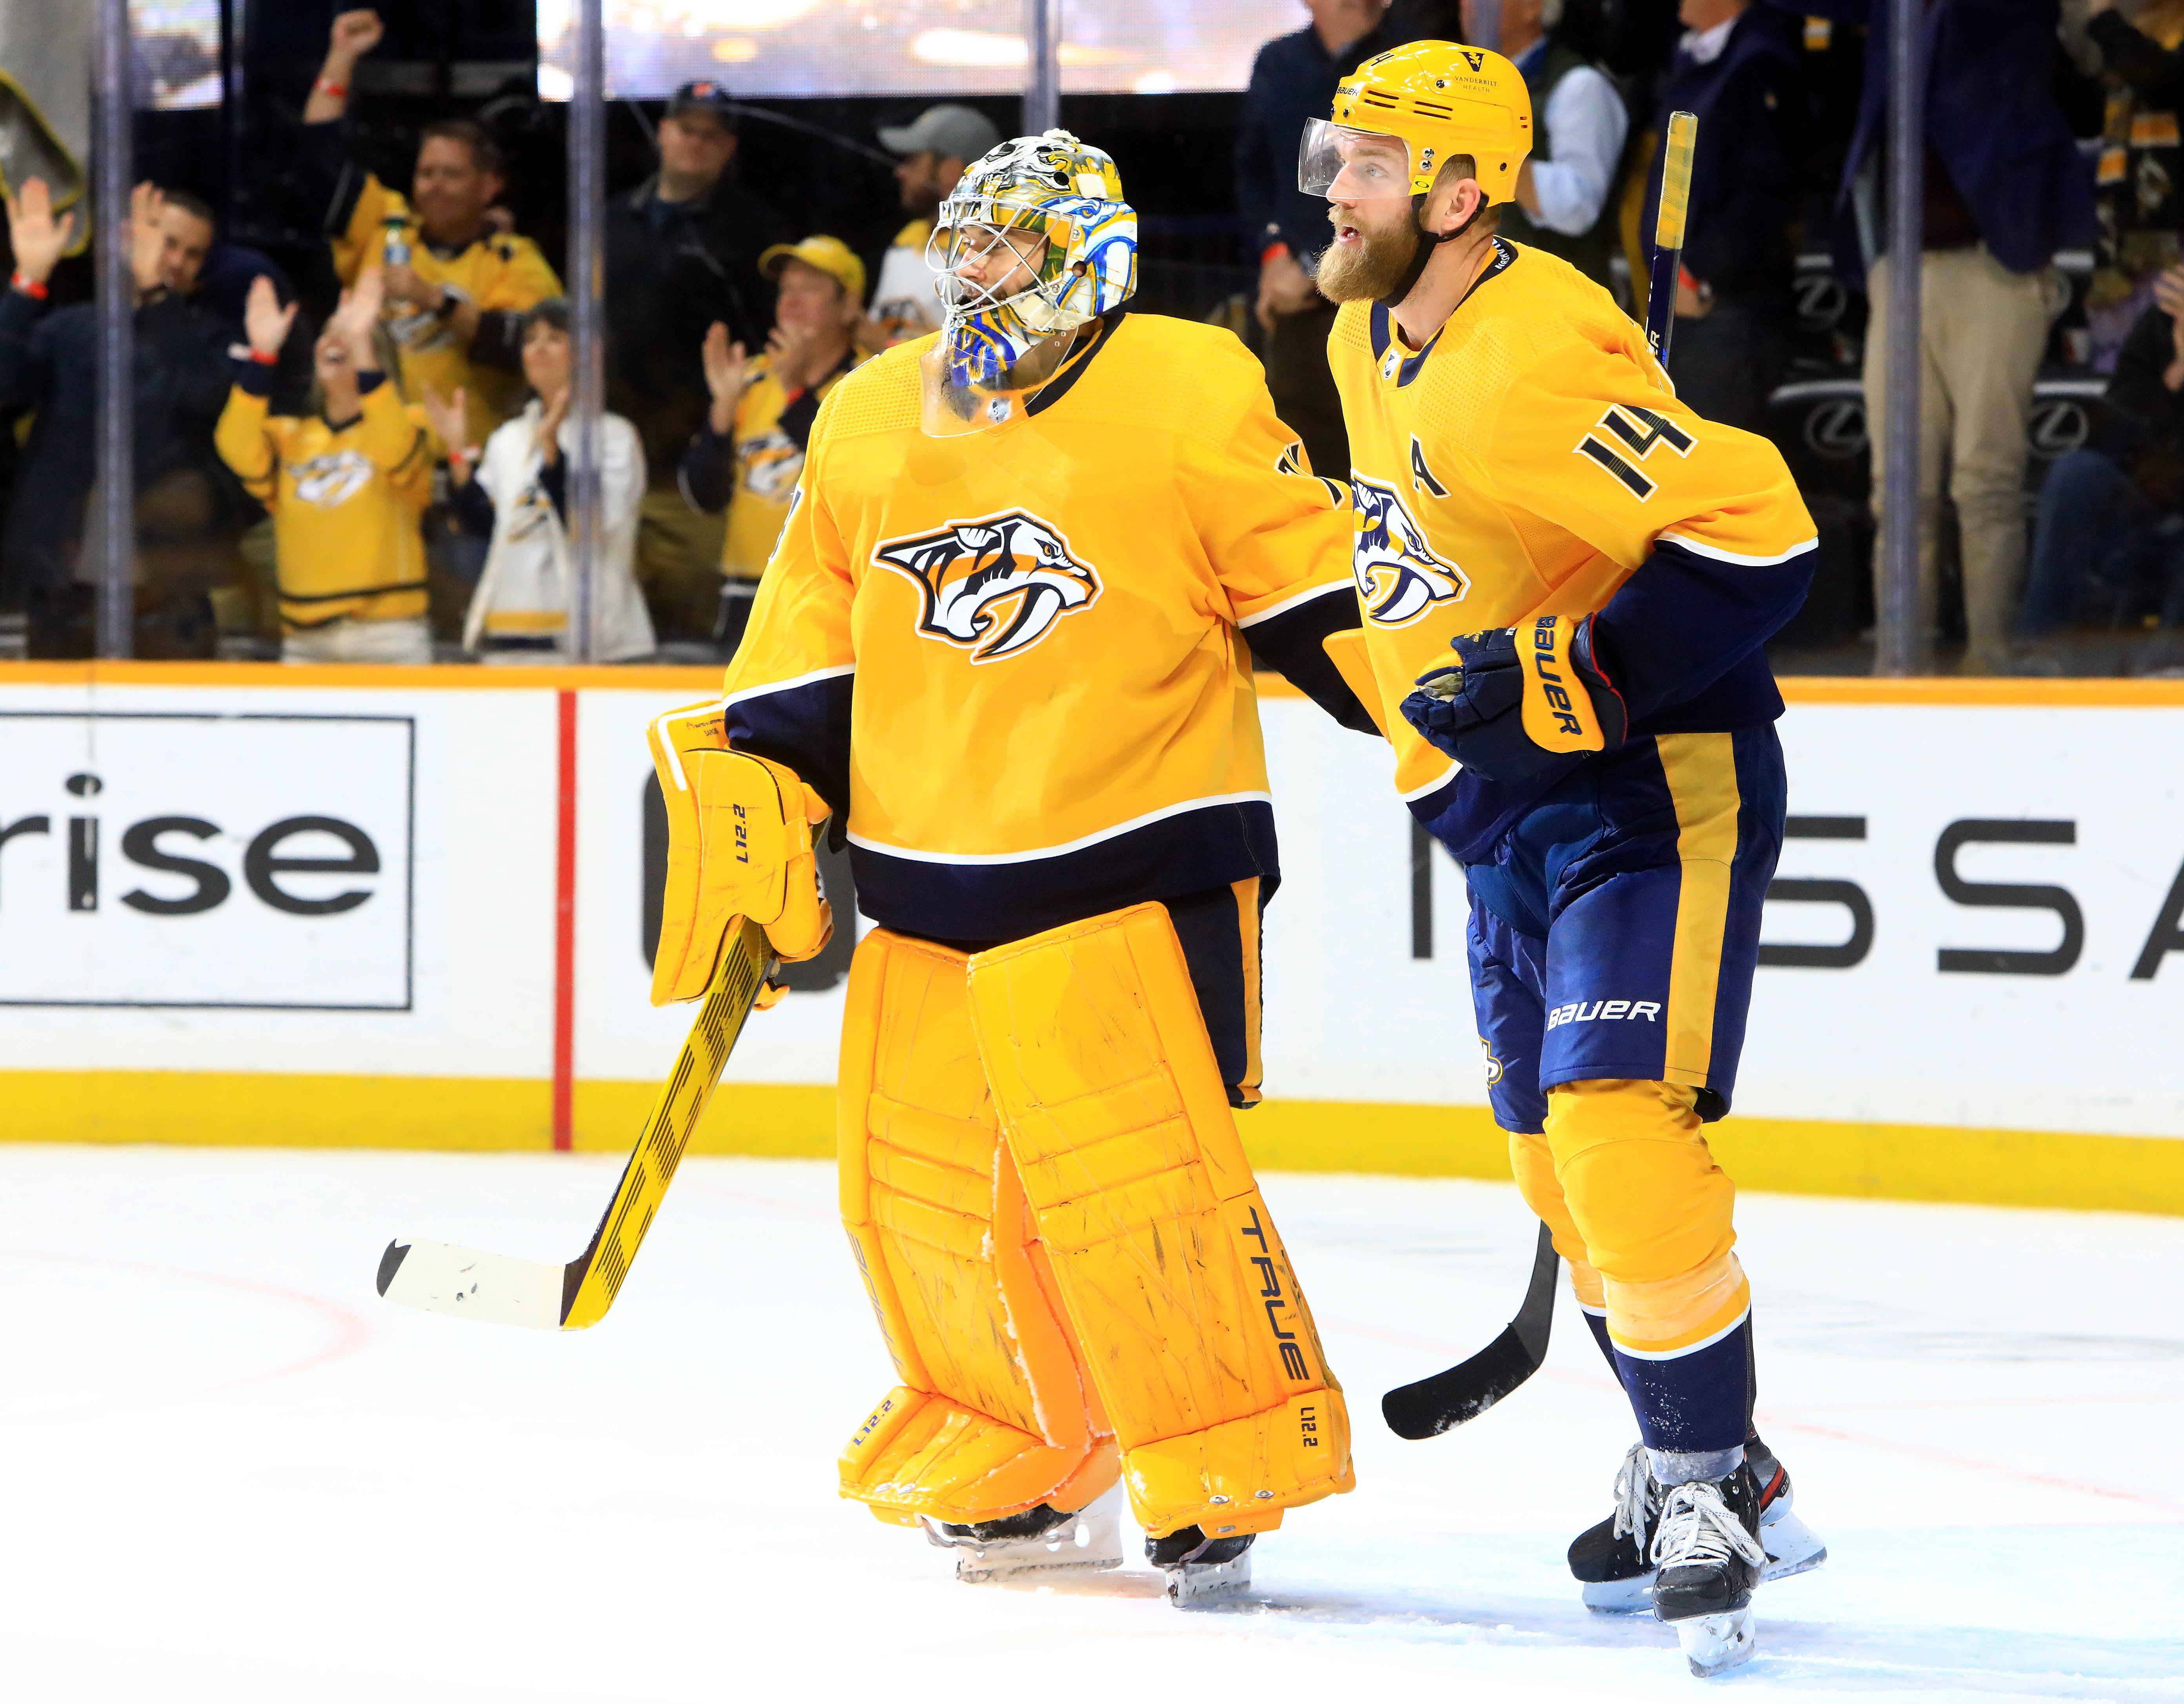 NHL: OCT 19 Kings at Predators